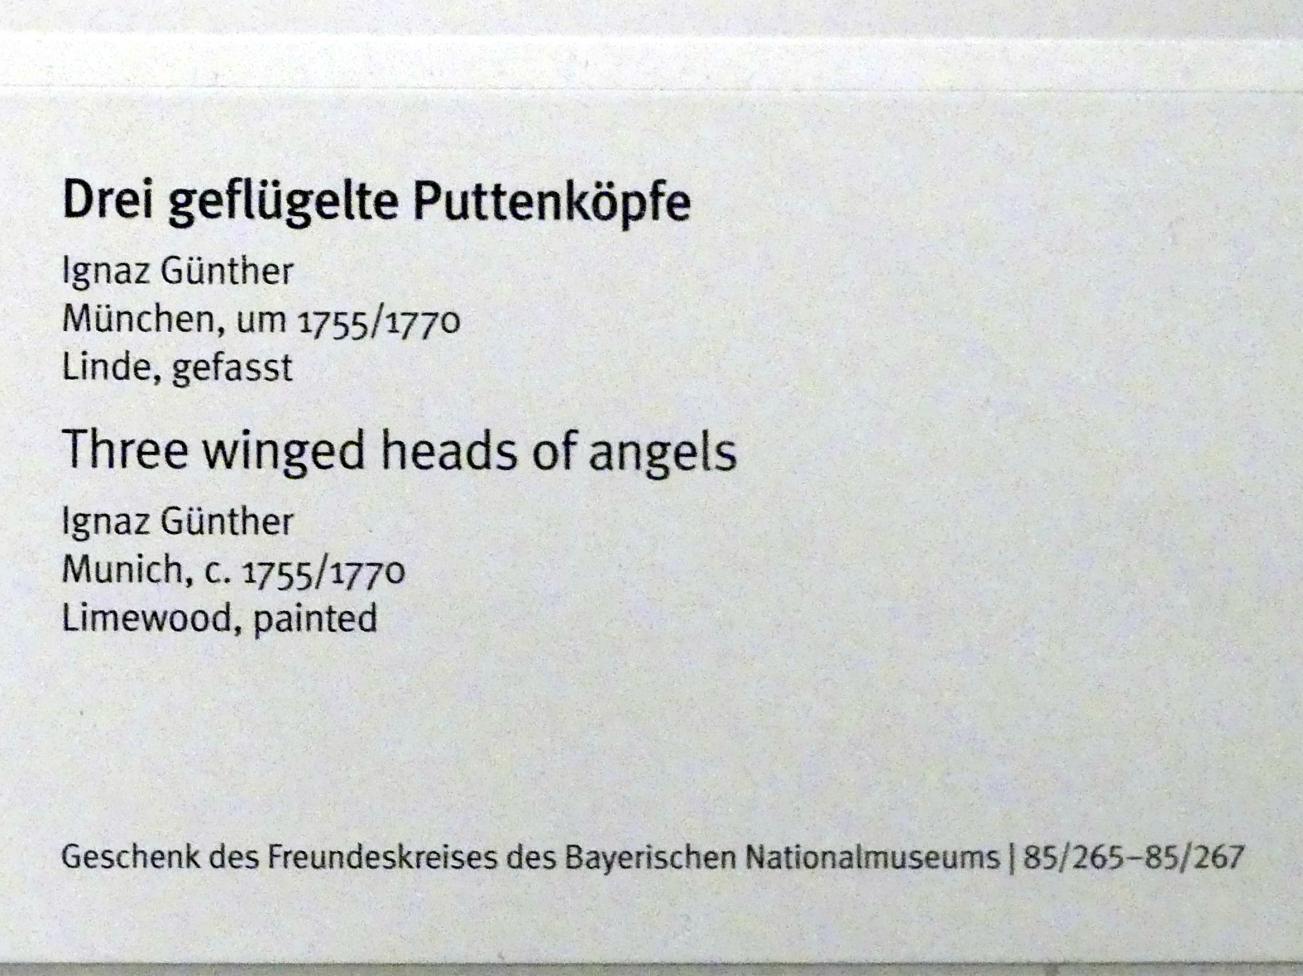 Ignaz Günther: Geflügelter Puttenkopf, um 1755 - 1770, Bild 3/3